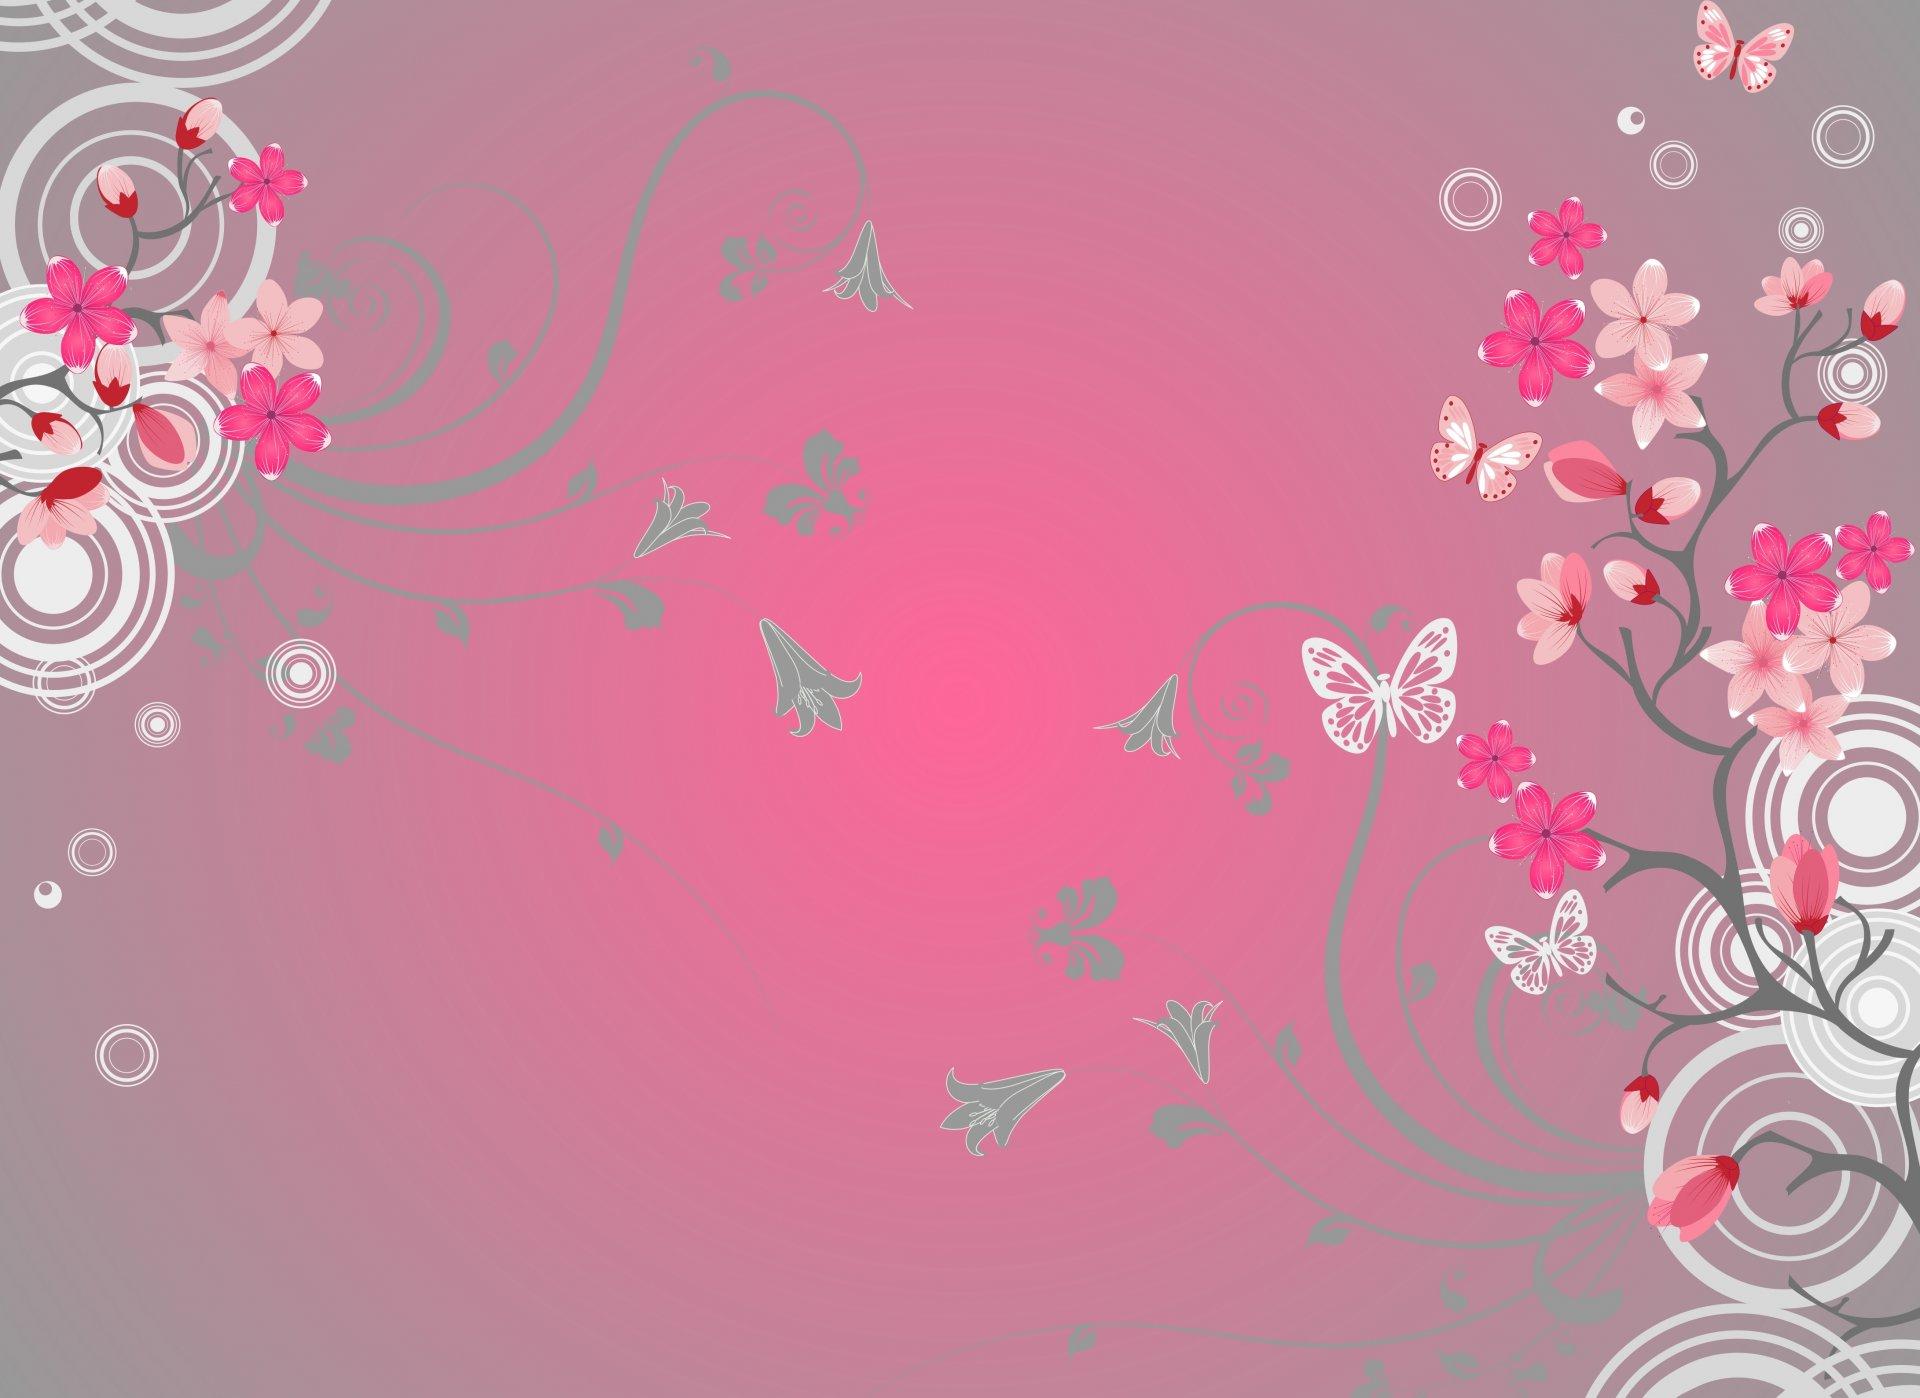 красивые рисунки розовые слова